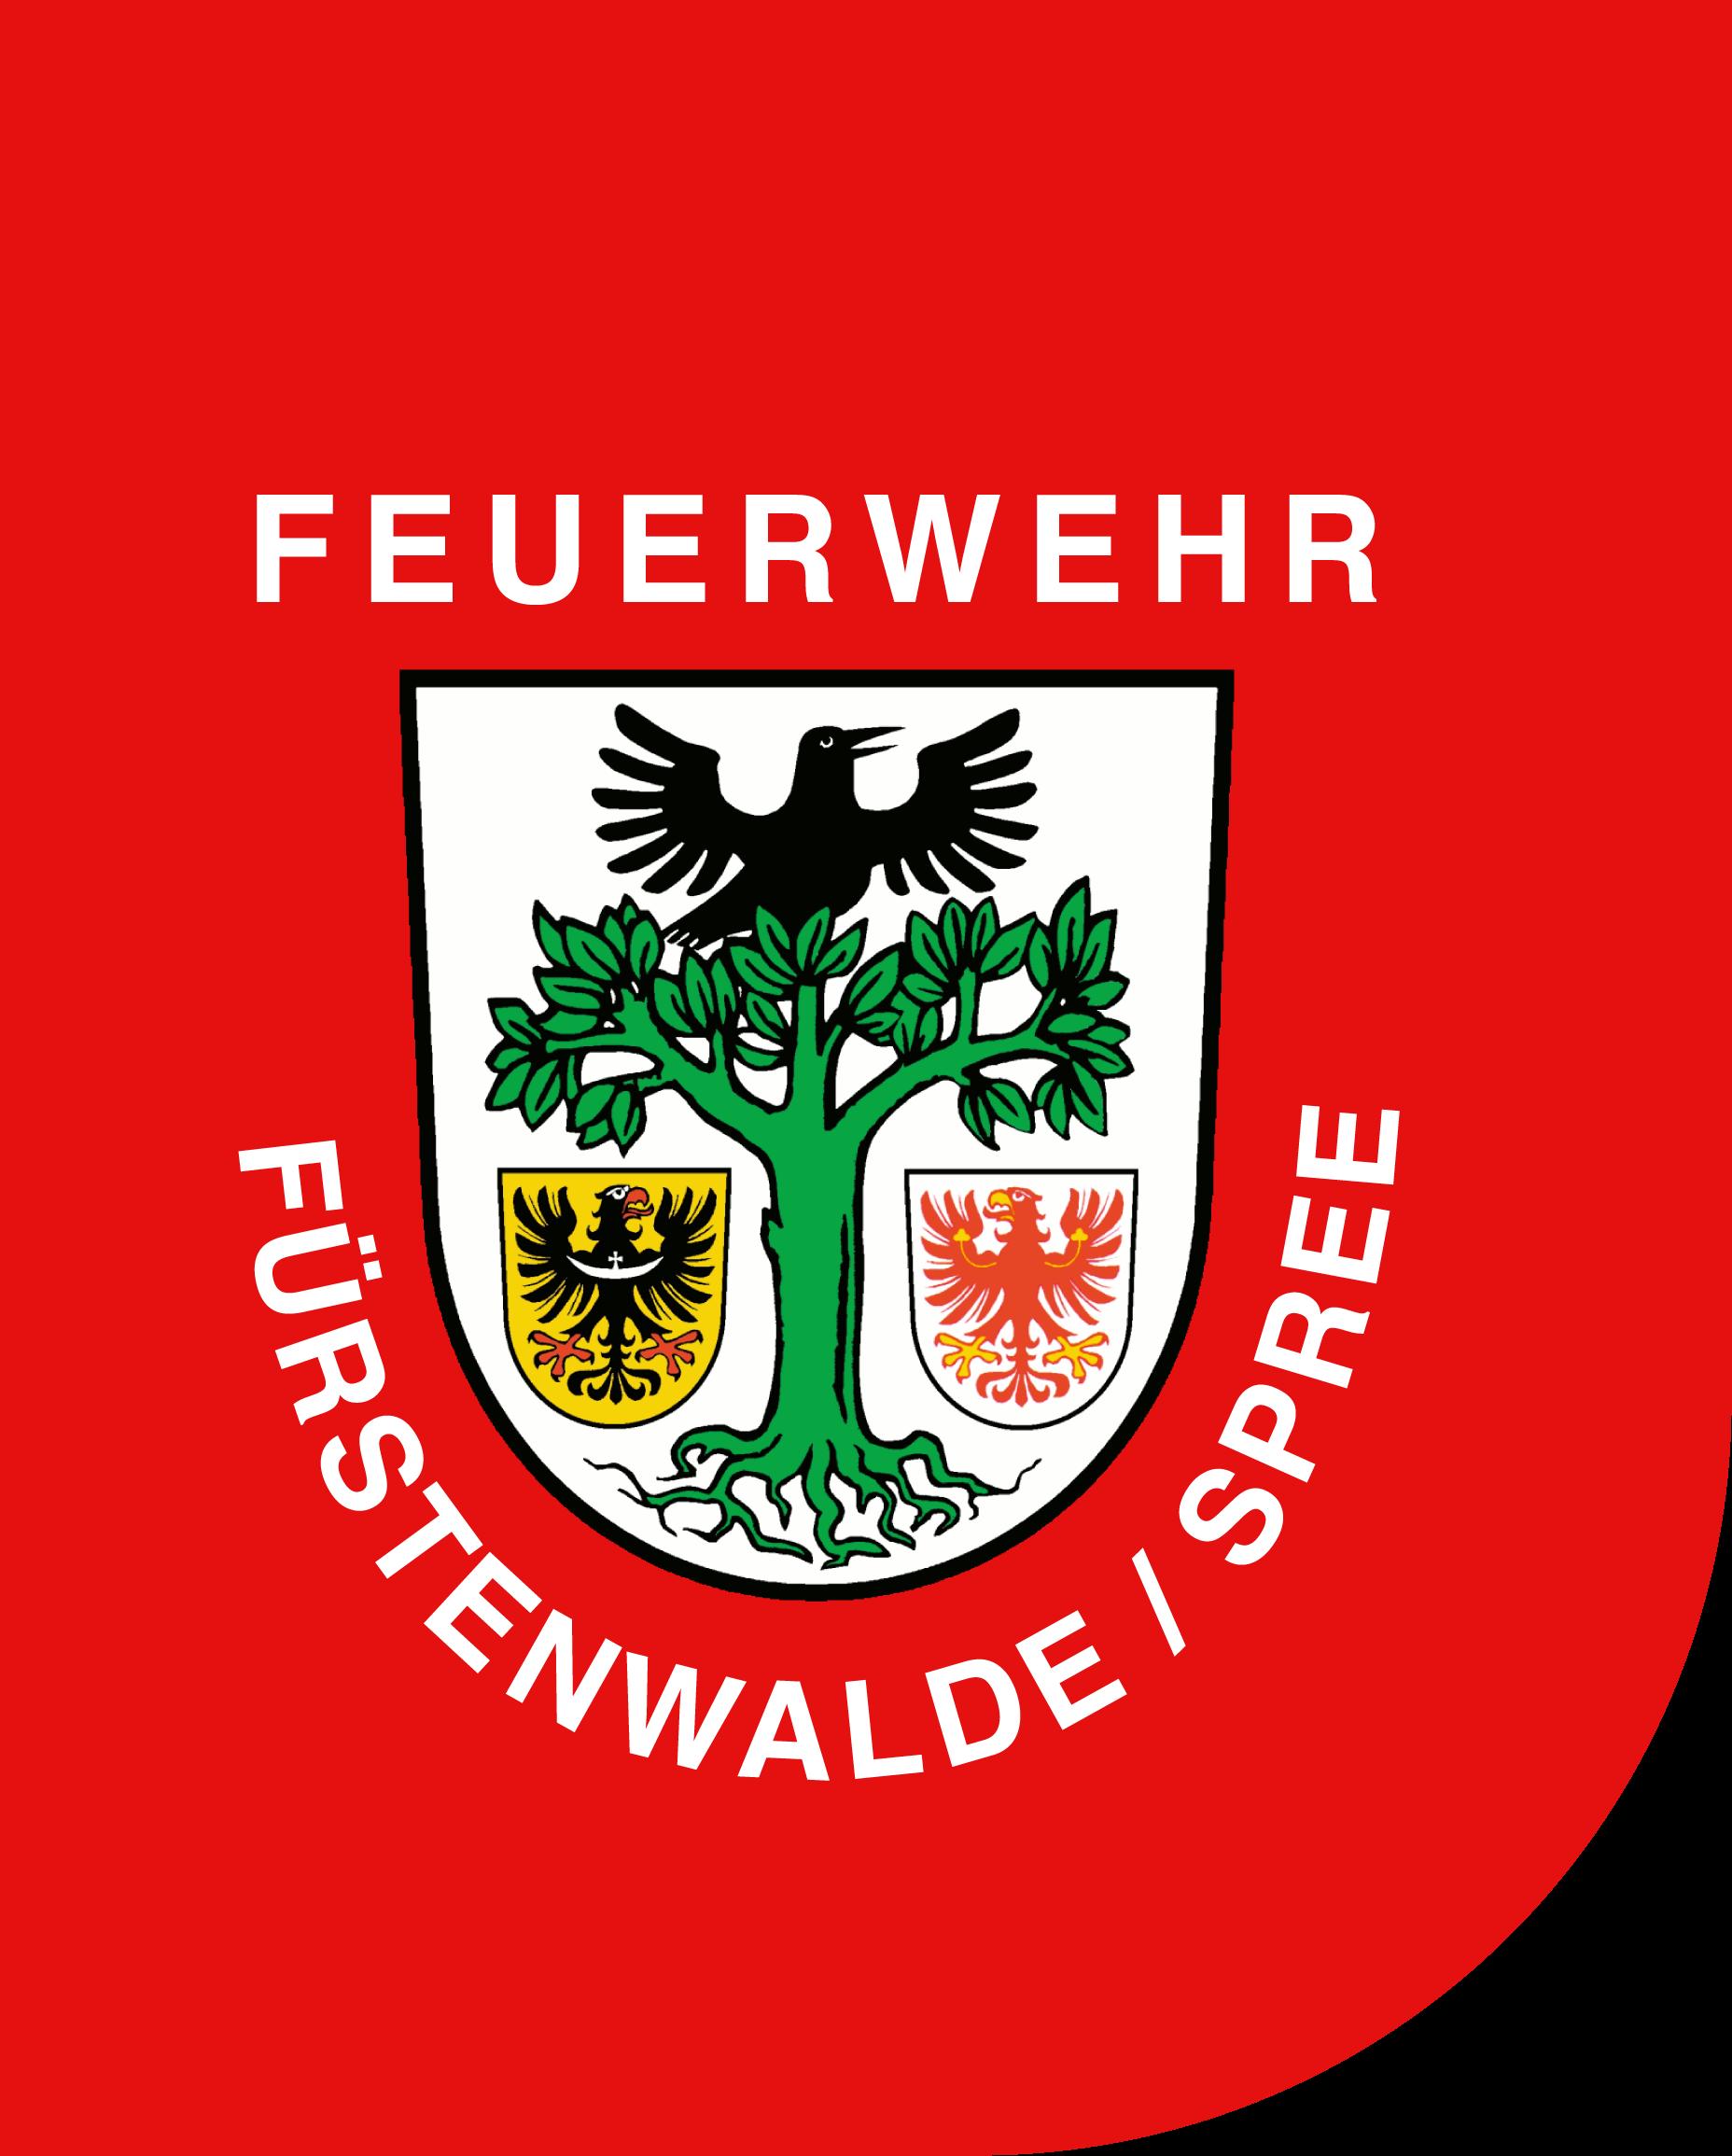 Feuerwehr Fürstenwalde